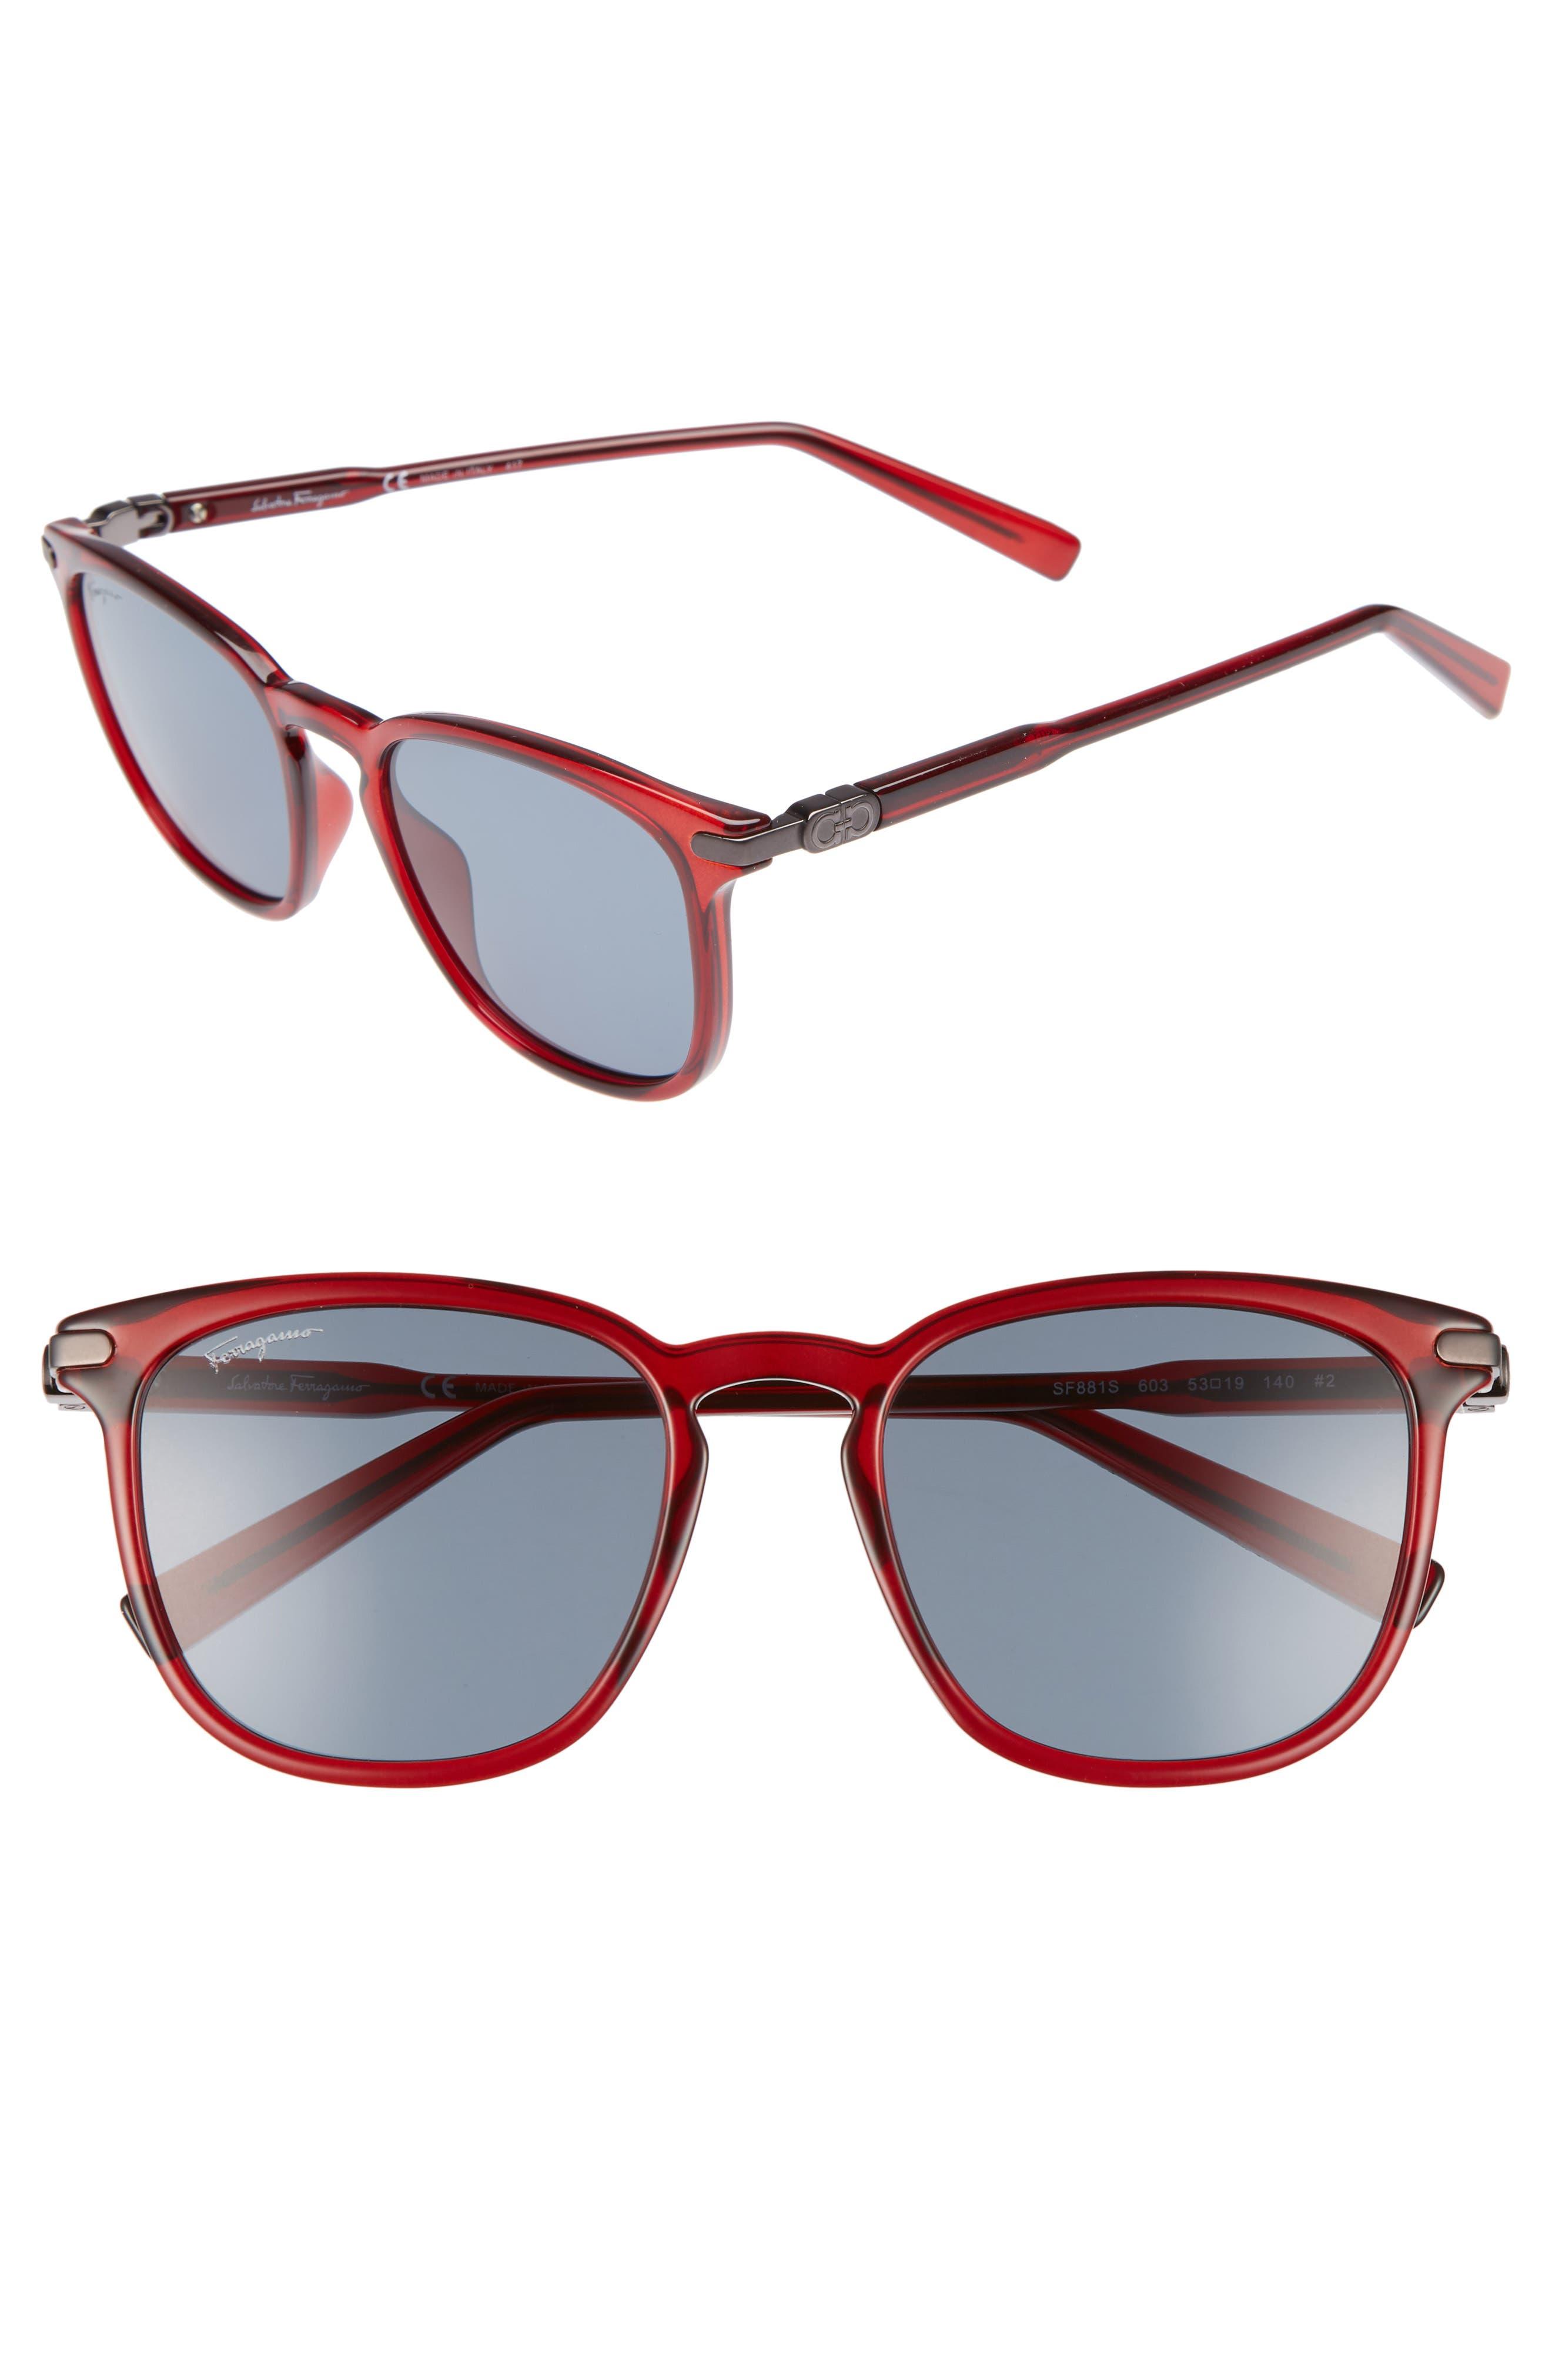 Double Gancio 53mm Sunglasses,                             Main thumbnail 1, color,                             Bordeaux